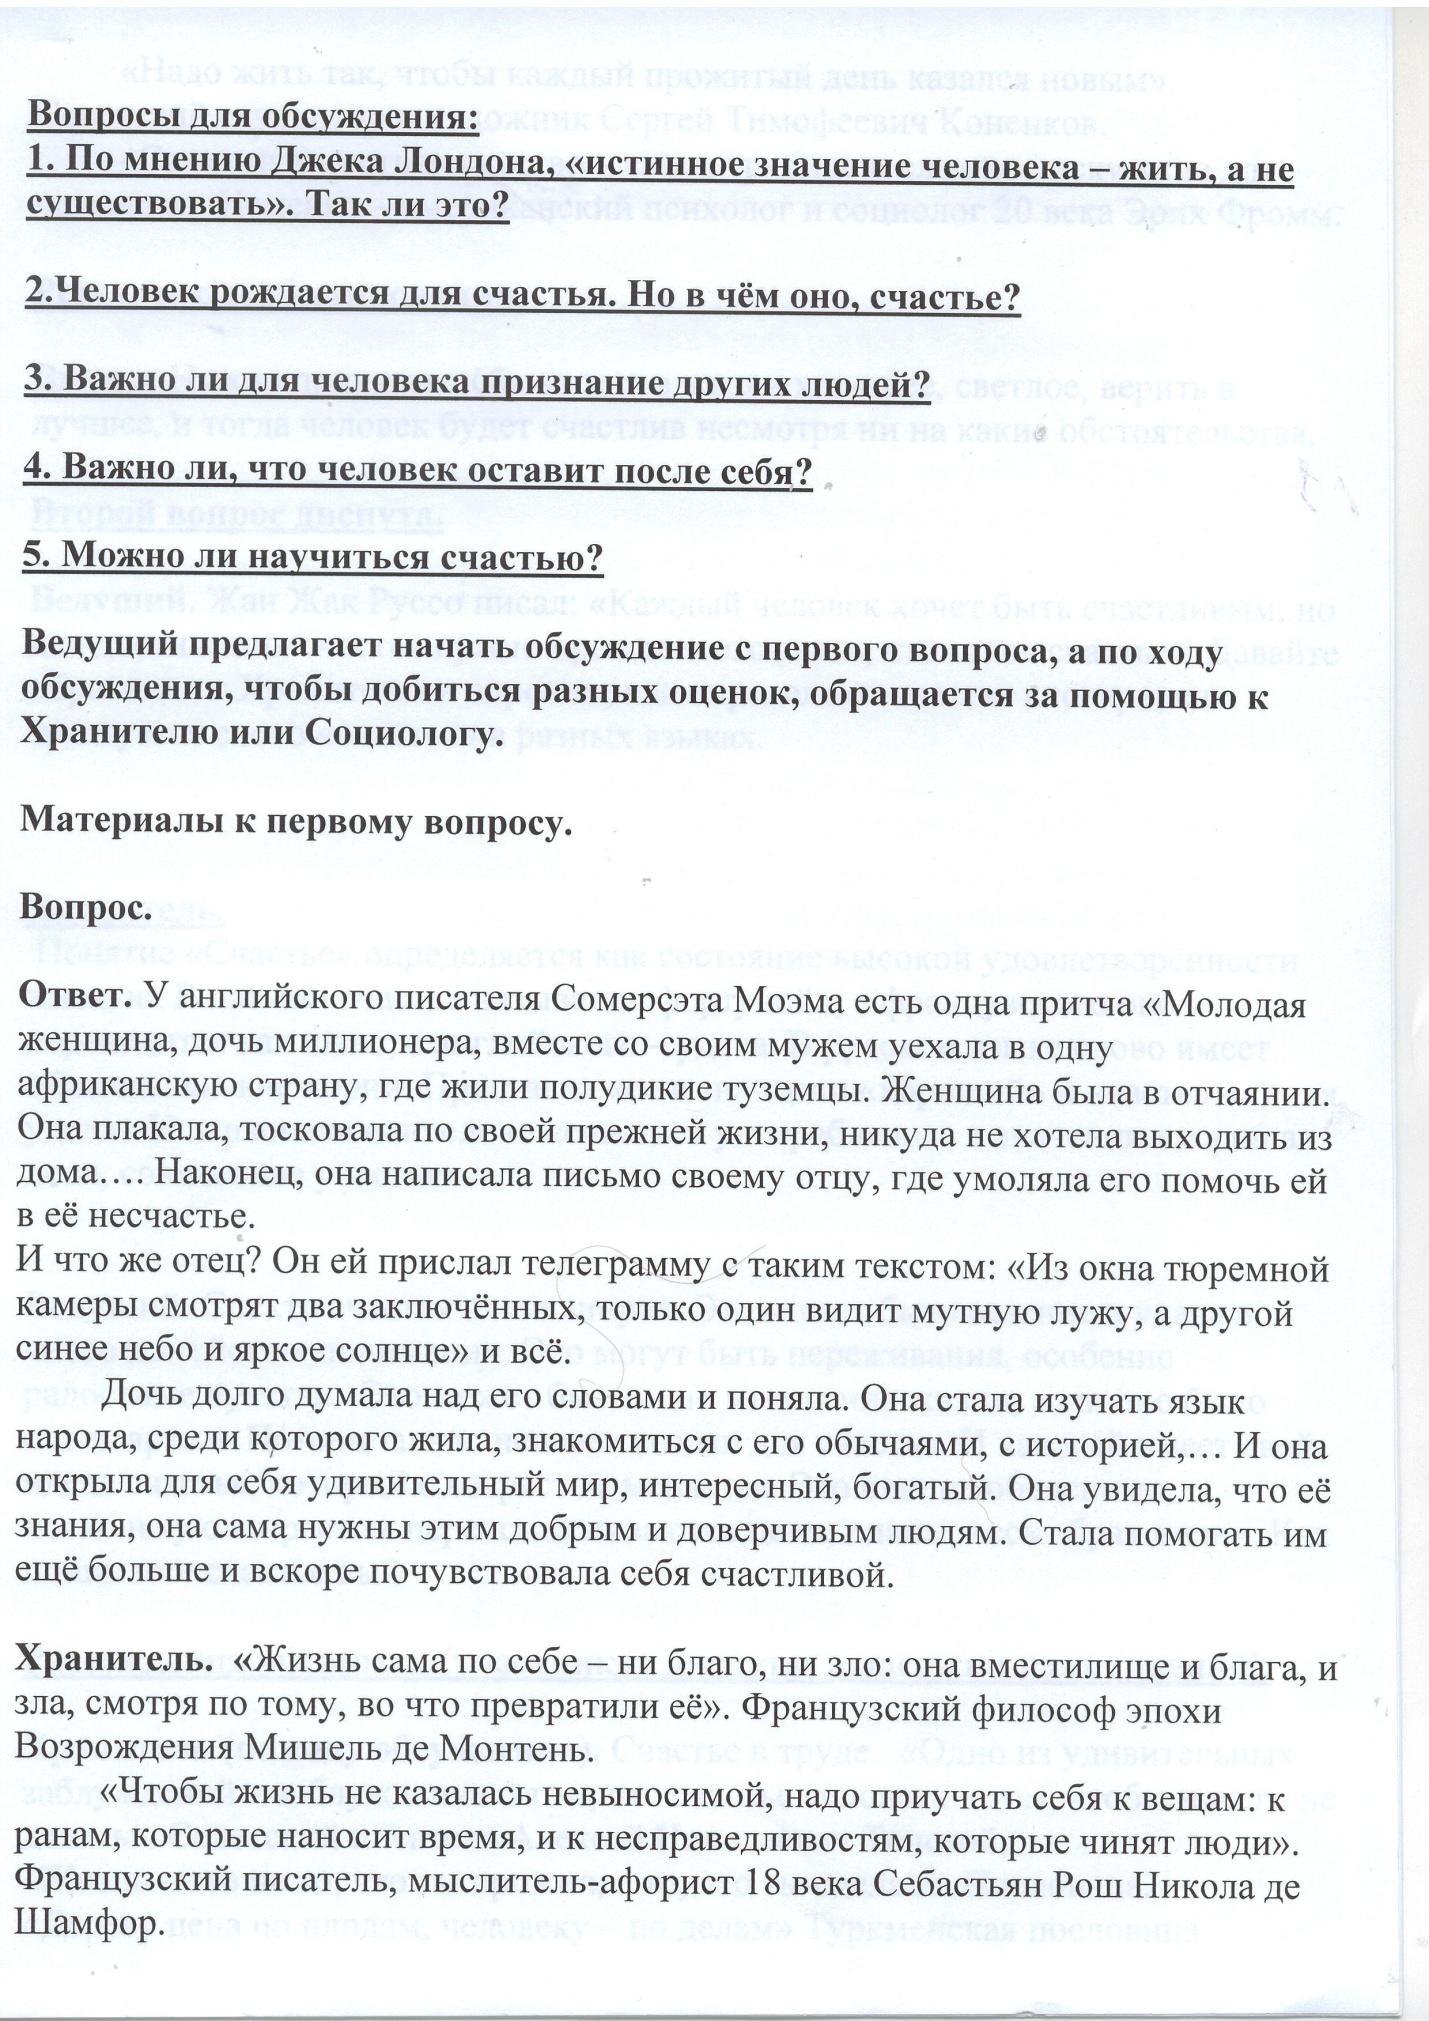 C:\Documents and Settings\Admin\Мои документы\внеклассное мероприятие\Сохранить0029.JPG